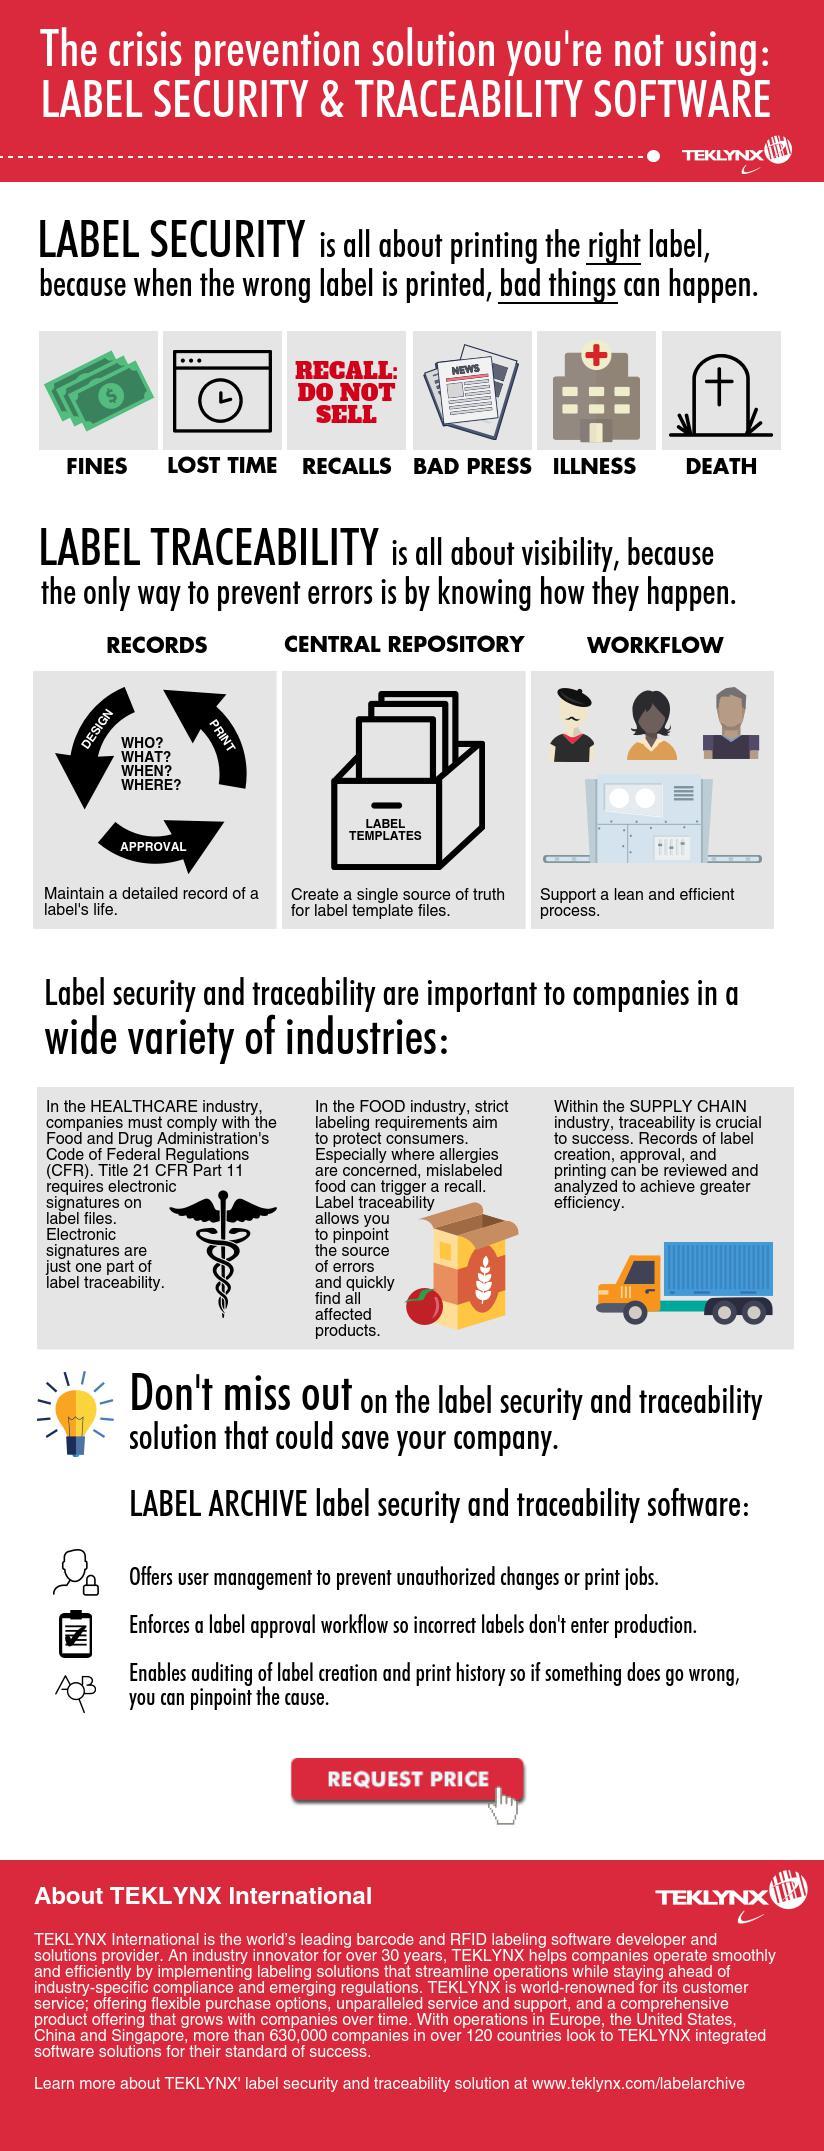 資訊圖表:標籤安全性與可追蹤性